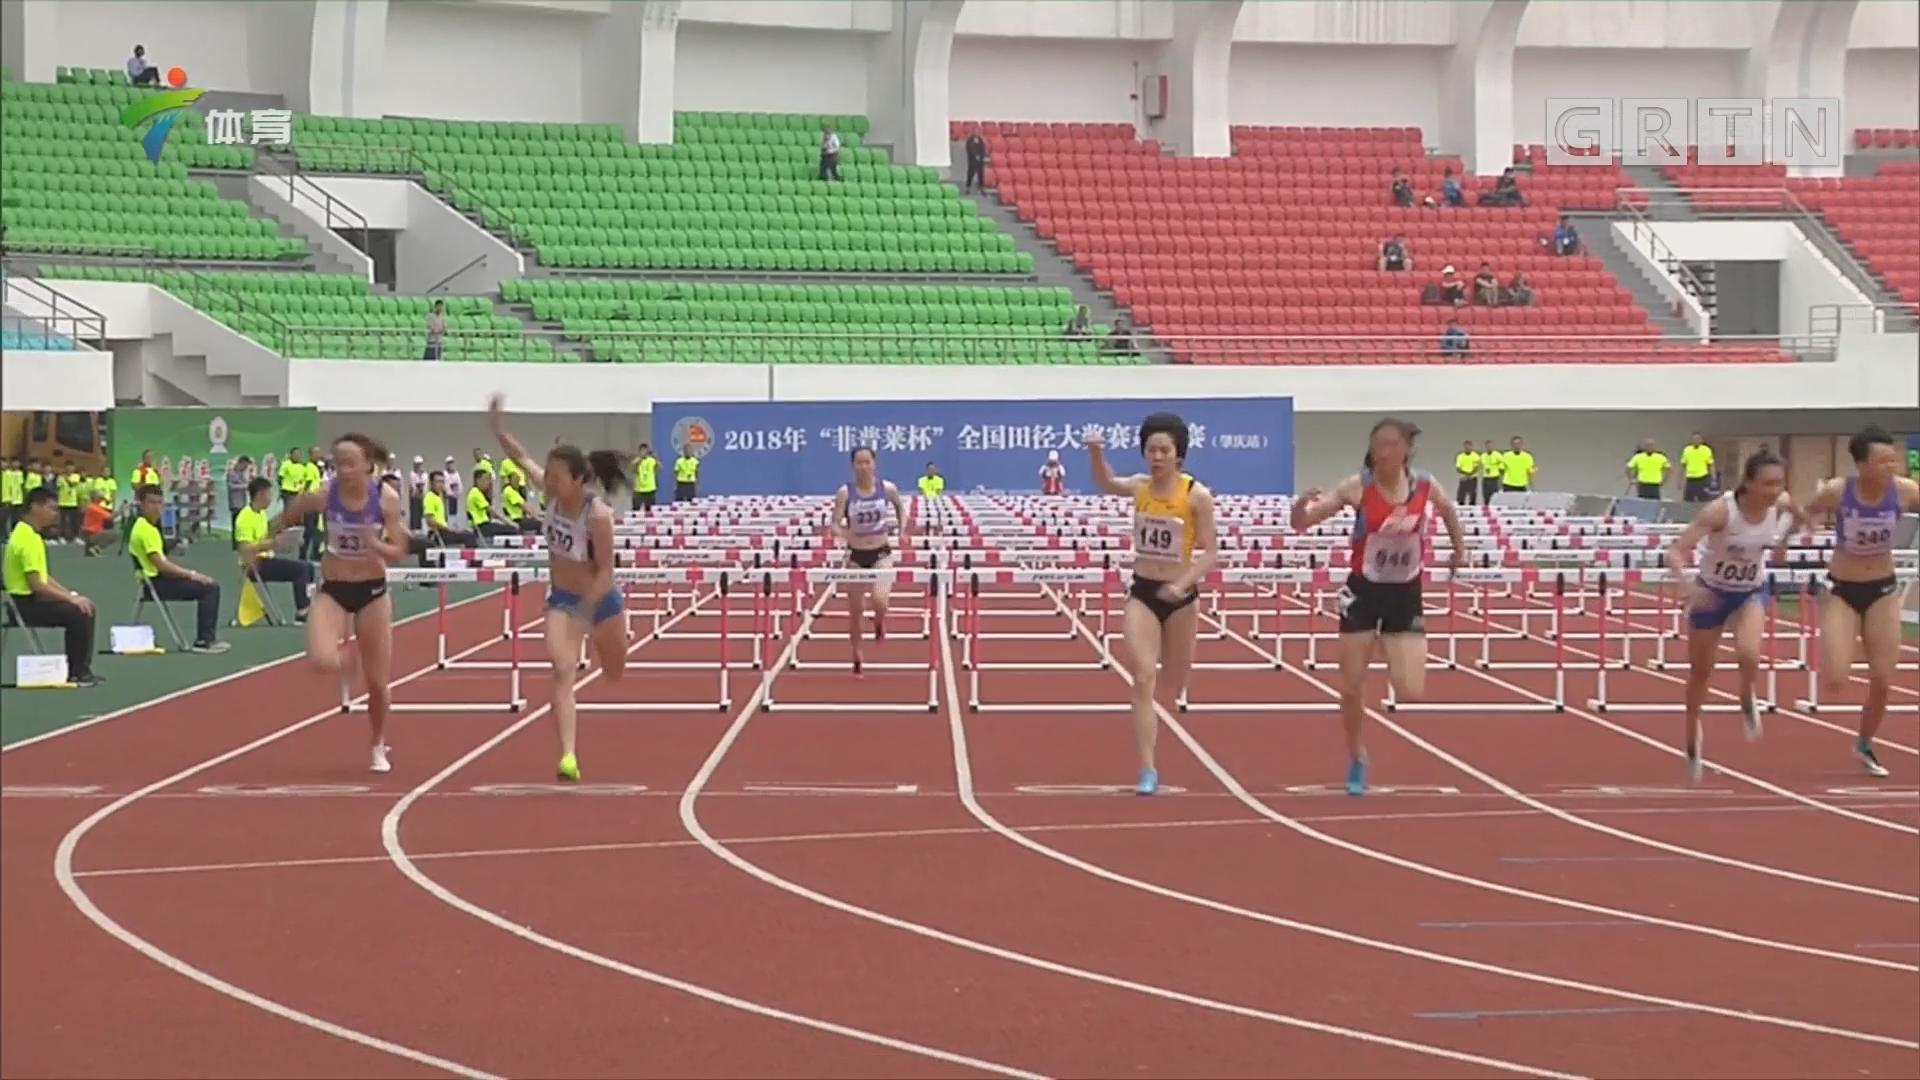 国际田联钻石联赛上海站 中国田径队值得期待